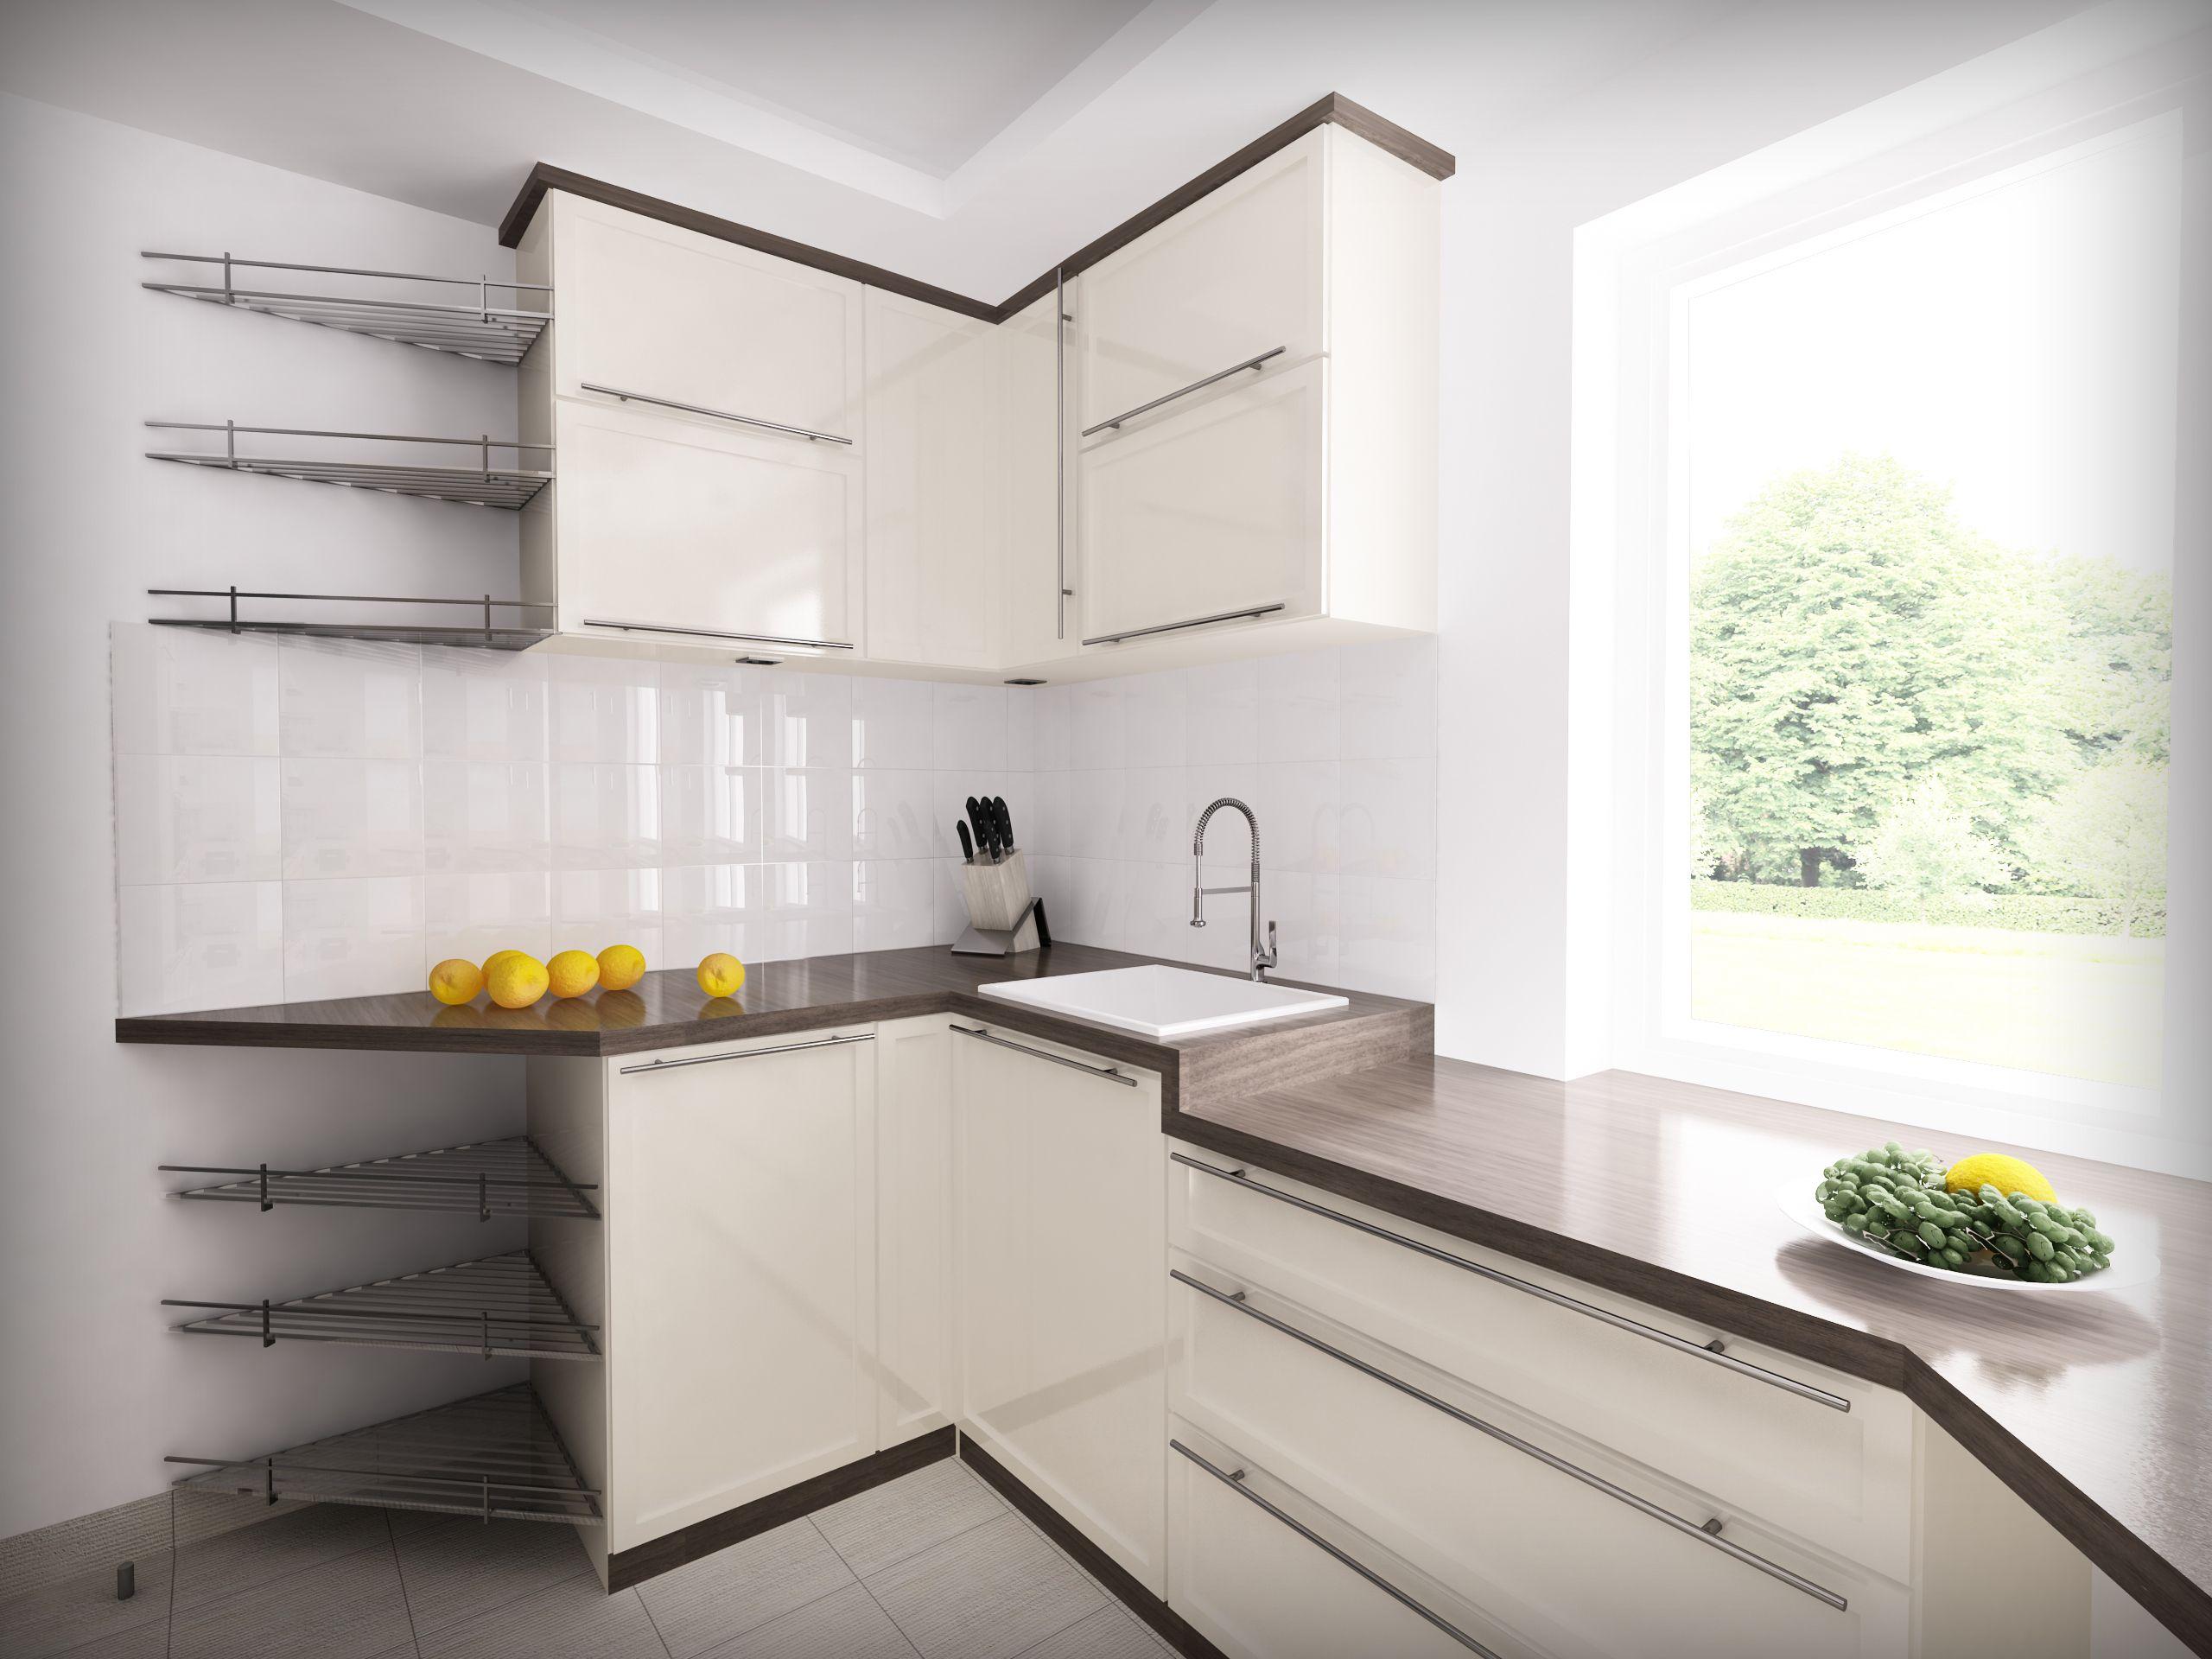 Image Result For Kuchnia Z Niskim Oknem Kitchen Kitchen Cabinets Home Decor